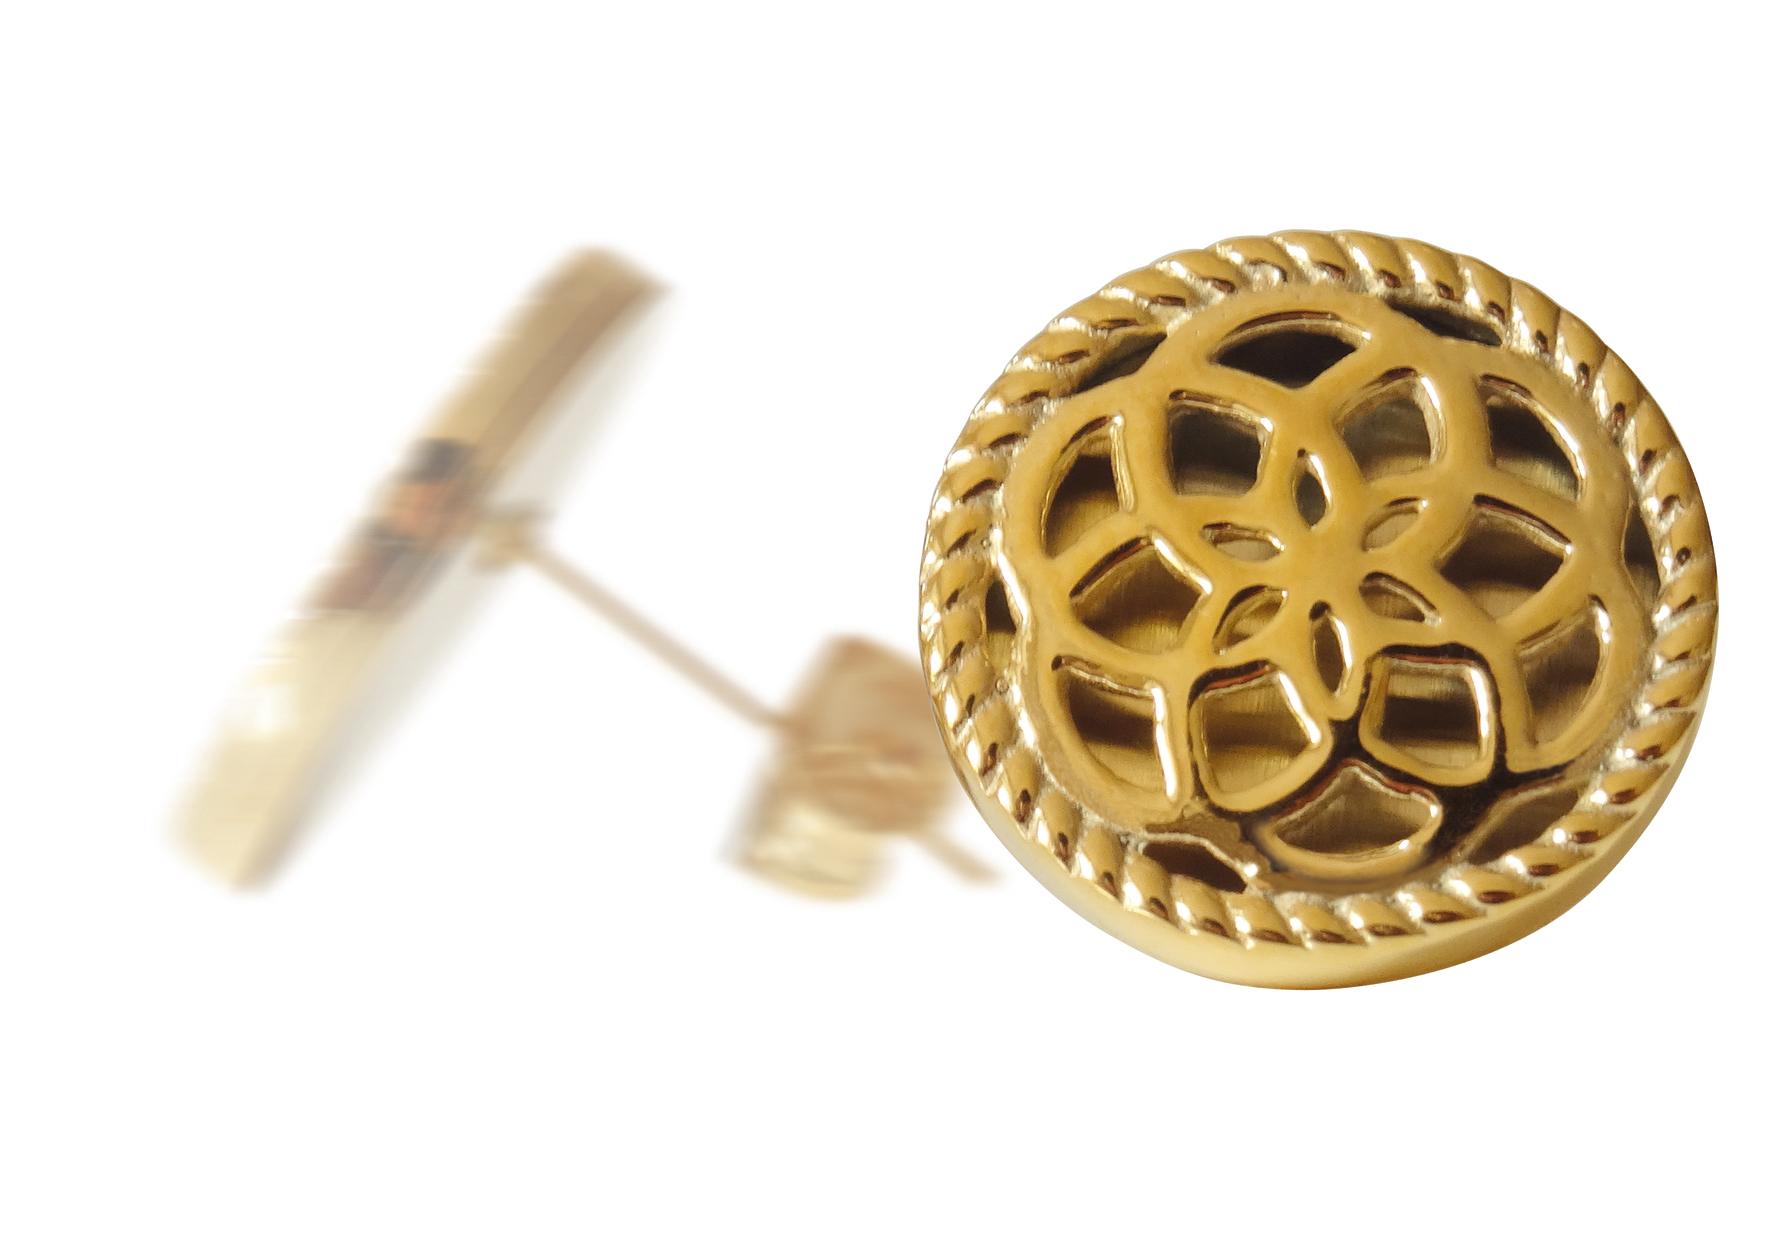 Ohrstecker gold  2 Traumfänger Ohrring (Ohrstecker) gold (Blume), Ohrstecker ...